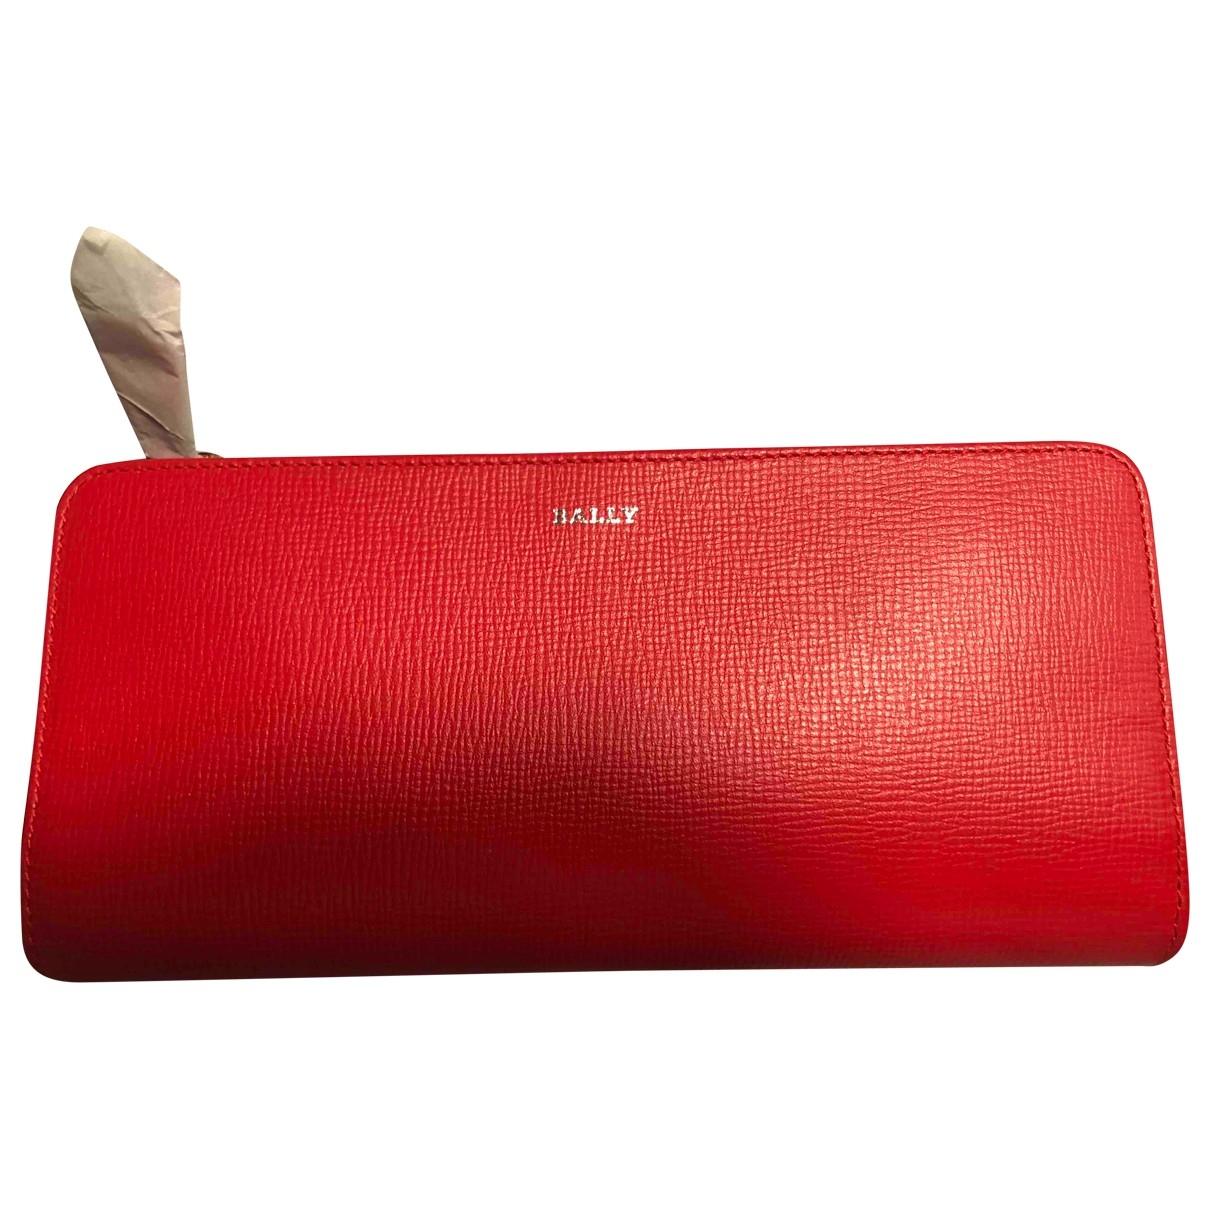 Bally - Portefeuille   pour femme en cuir - rouge